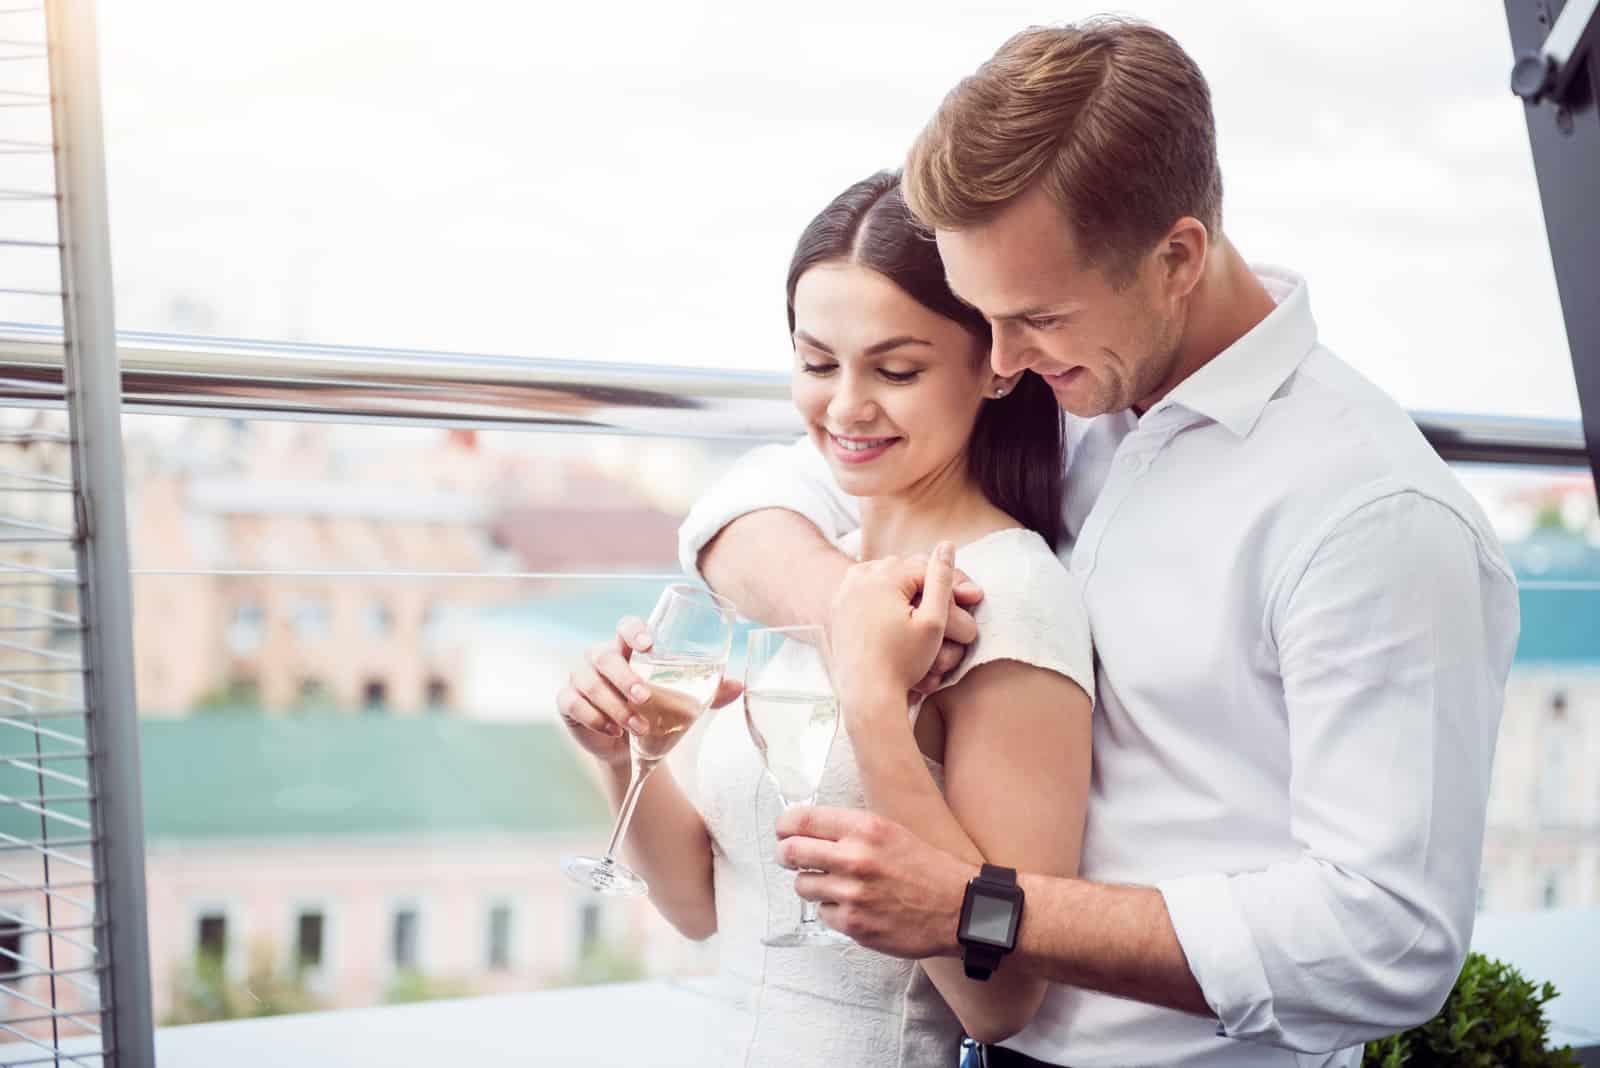 Ein Mann umarmte eine Frau, die mit einem Glas Wein anstieß